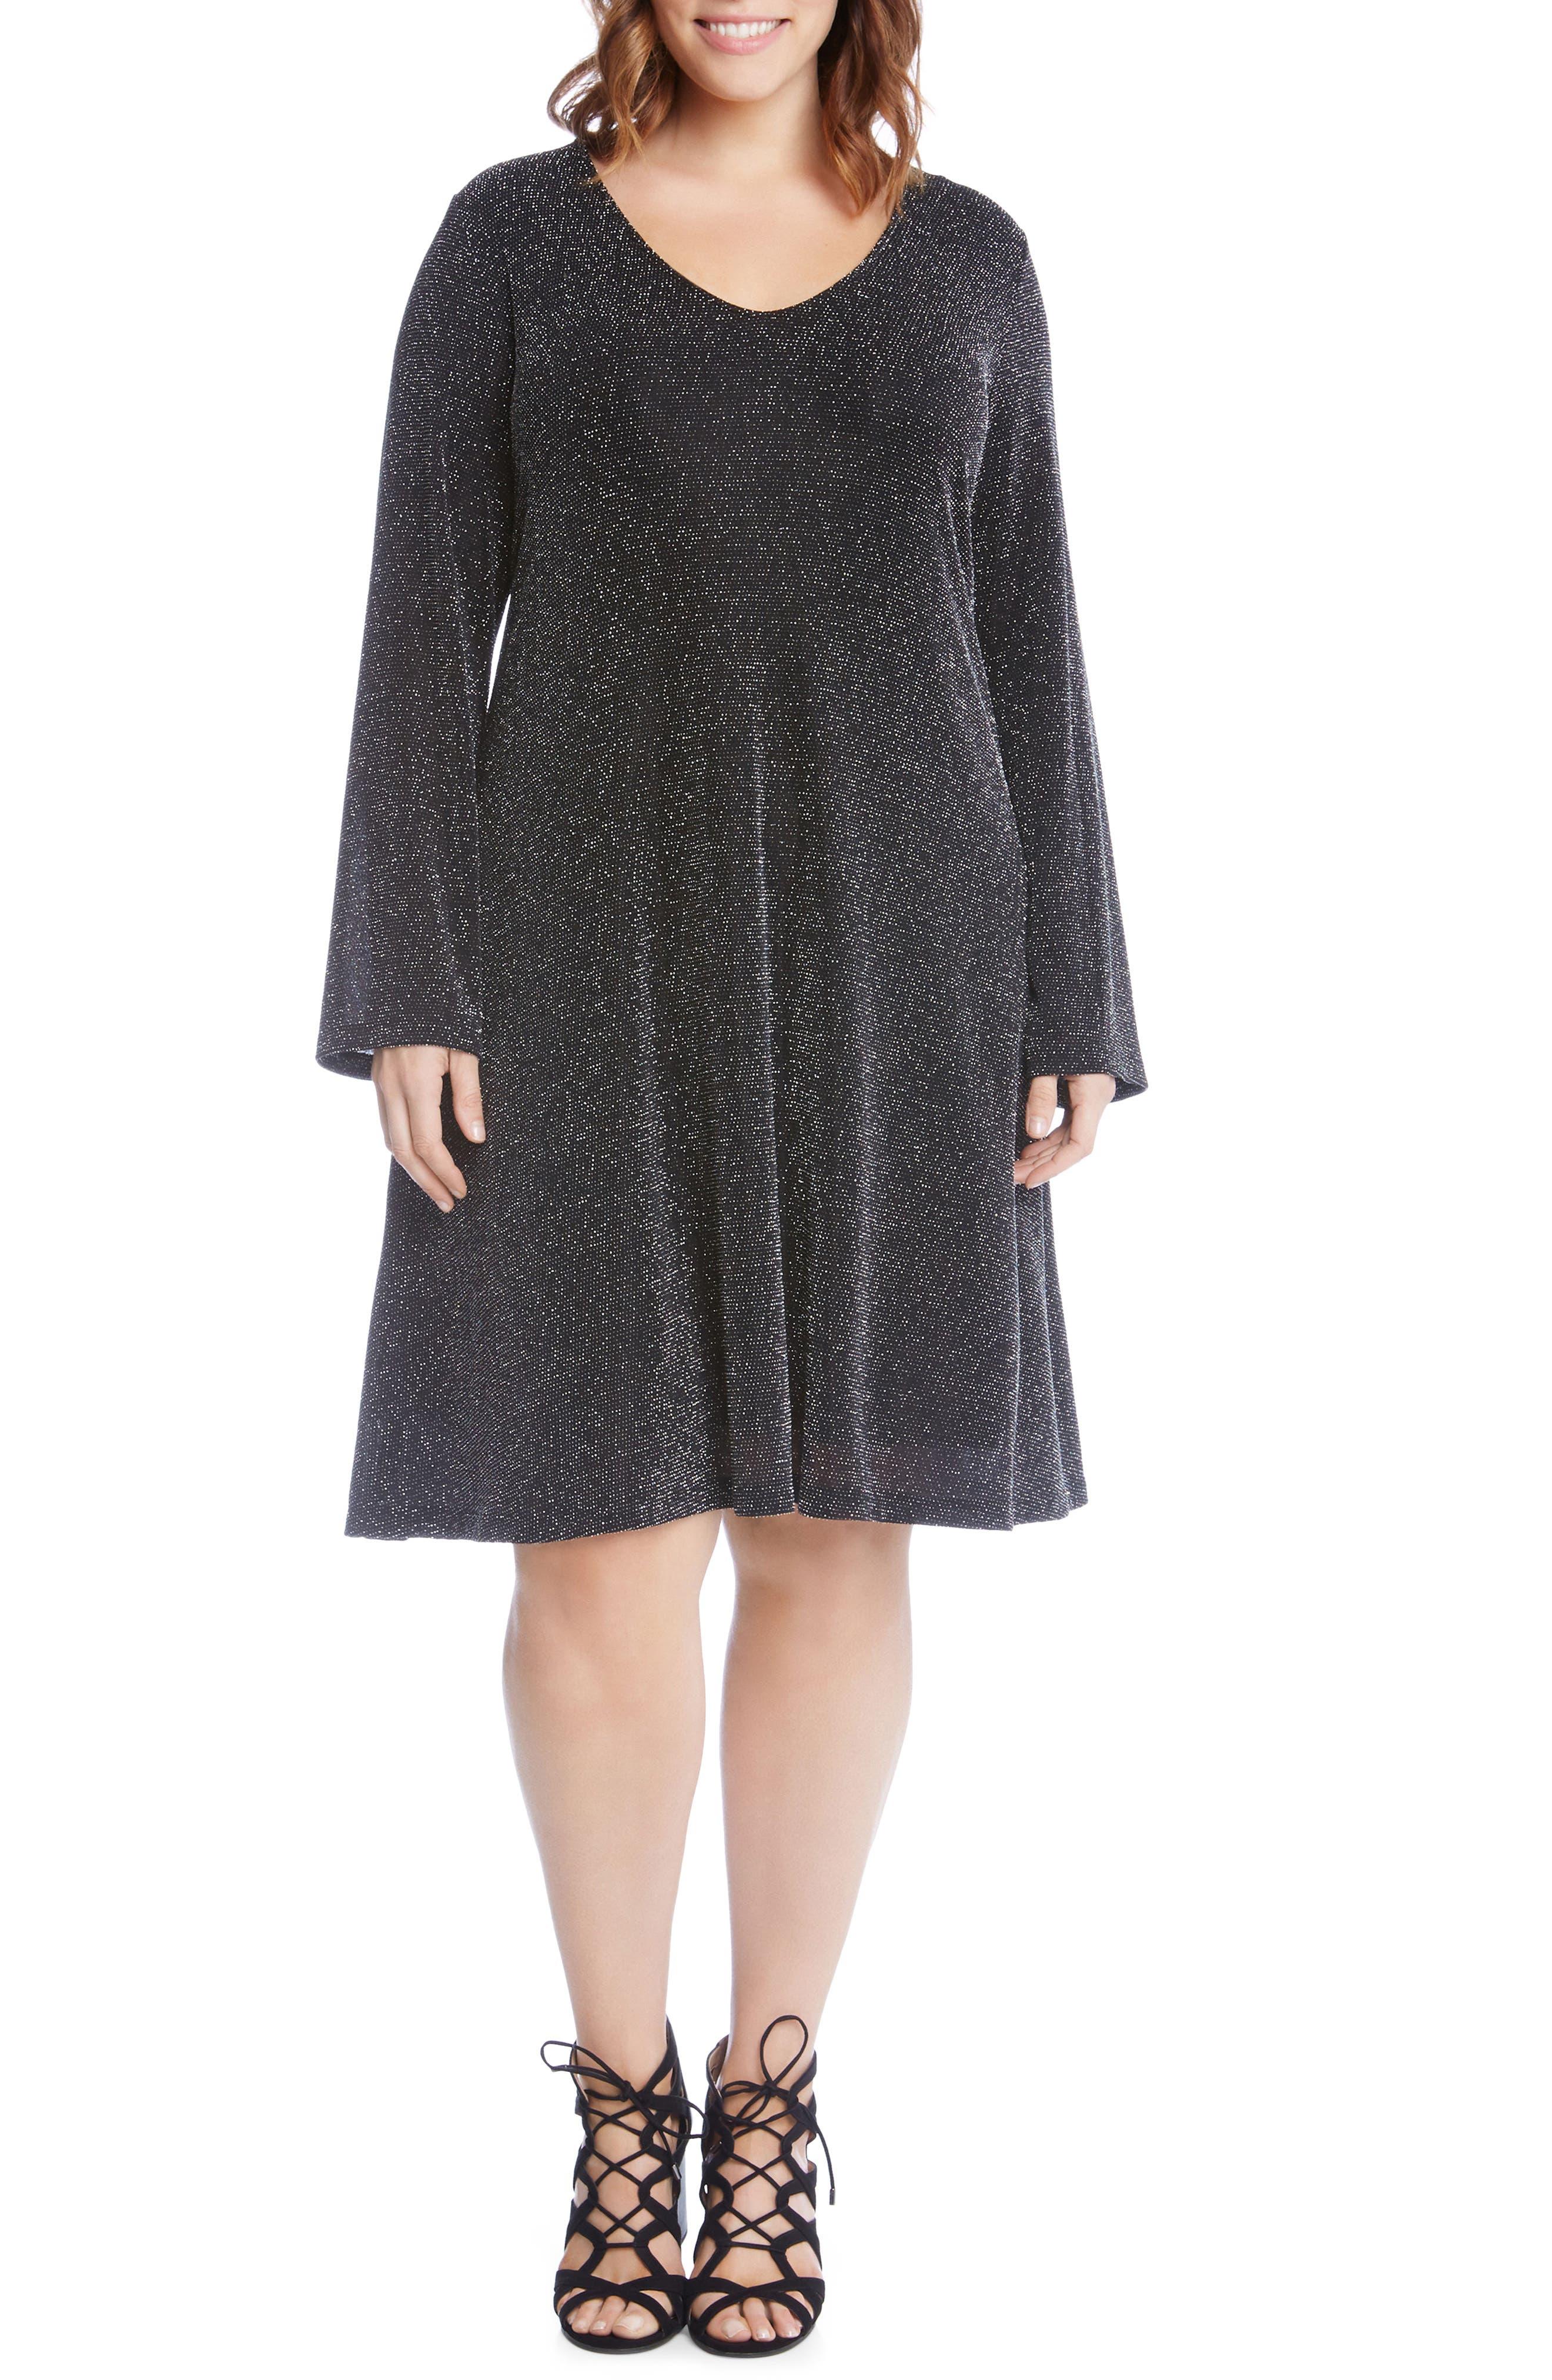 Taylor Sparkle Knit Dress,                             Main thumbnail 1, color,                             044